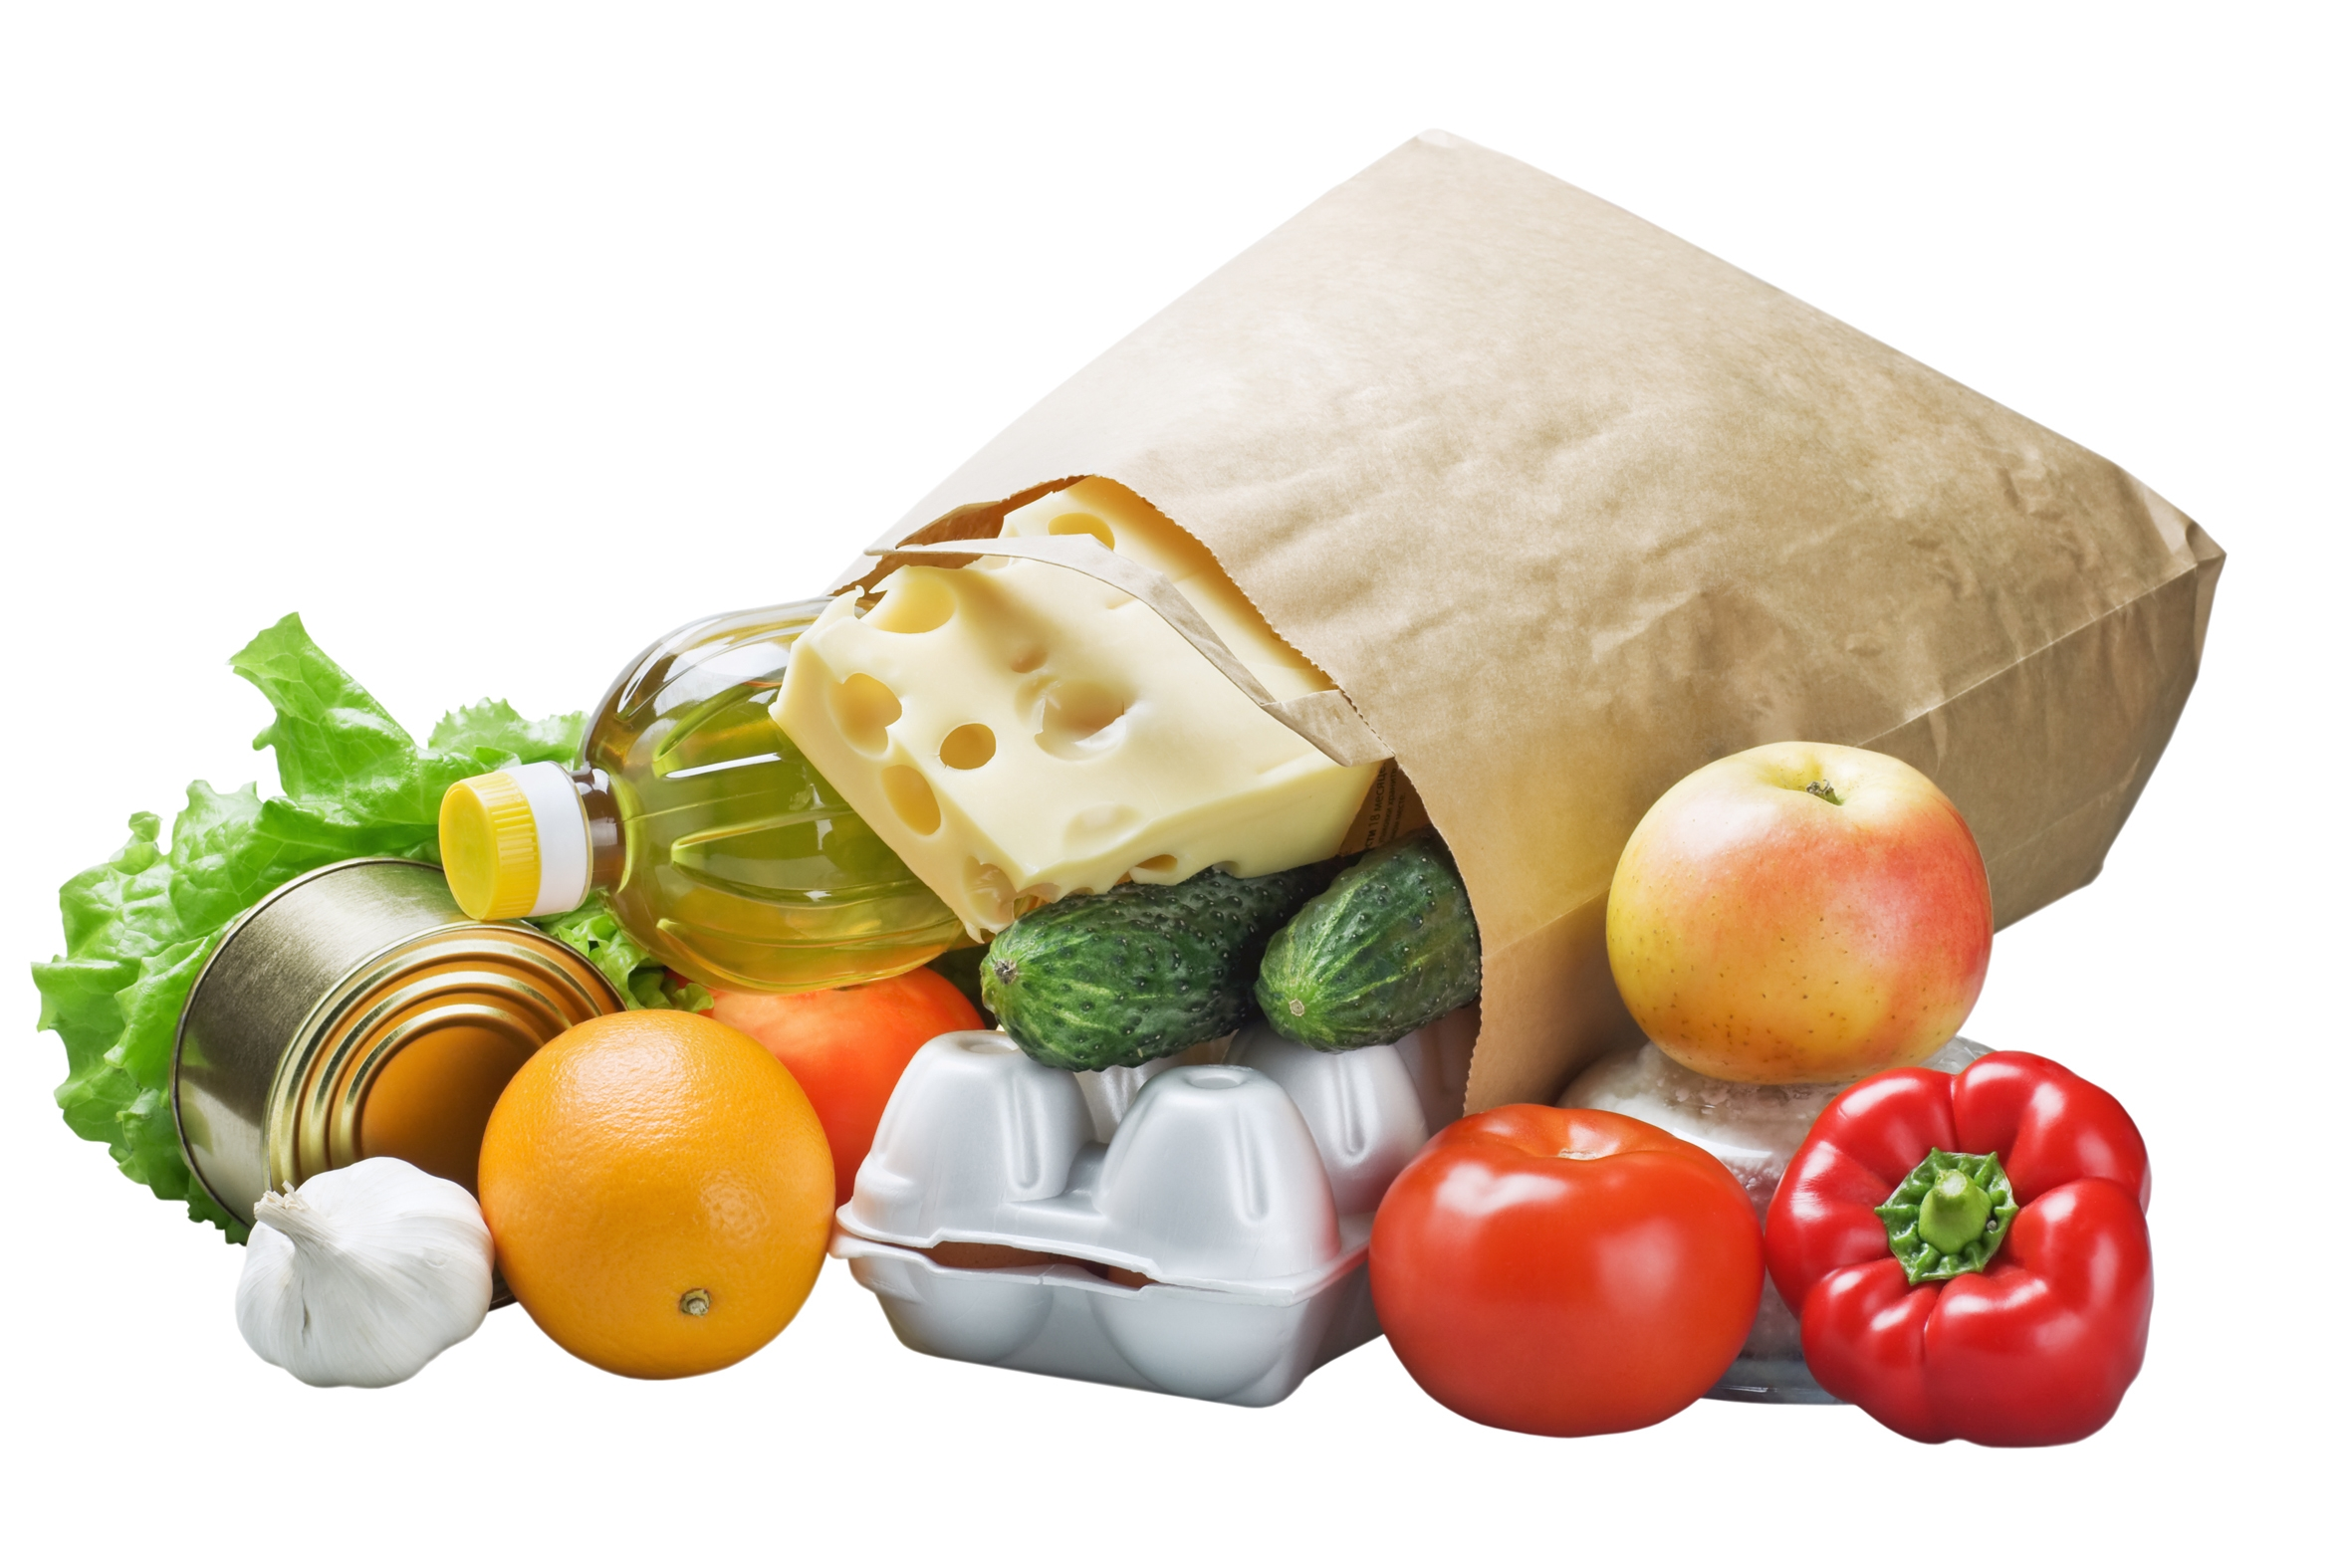 Картинки с продуктами питания